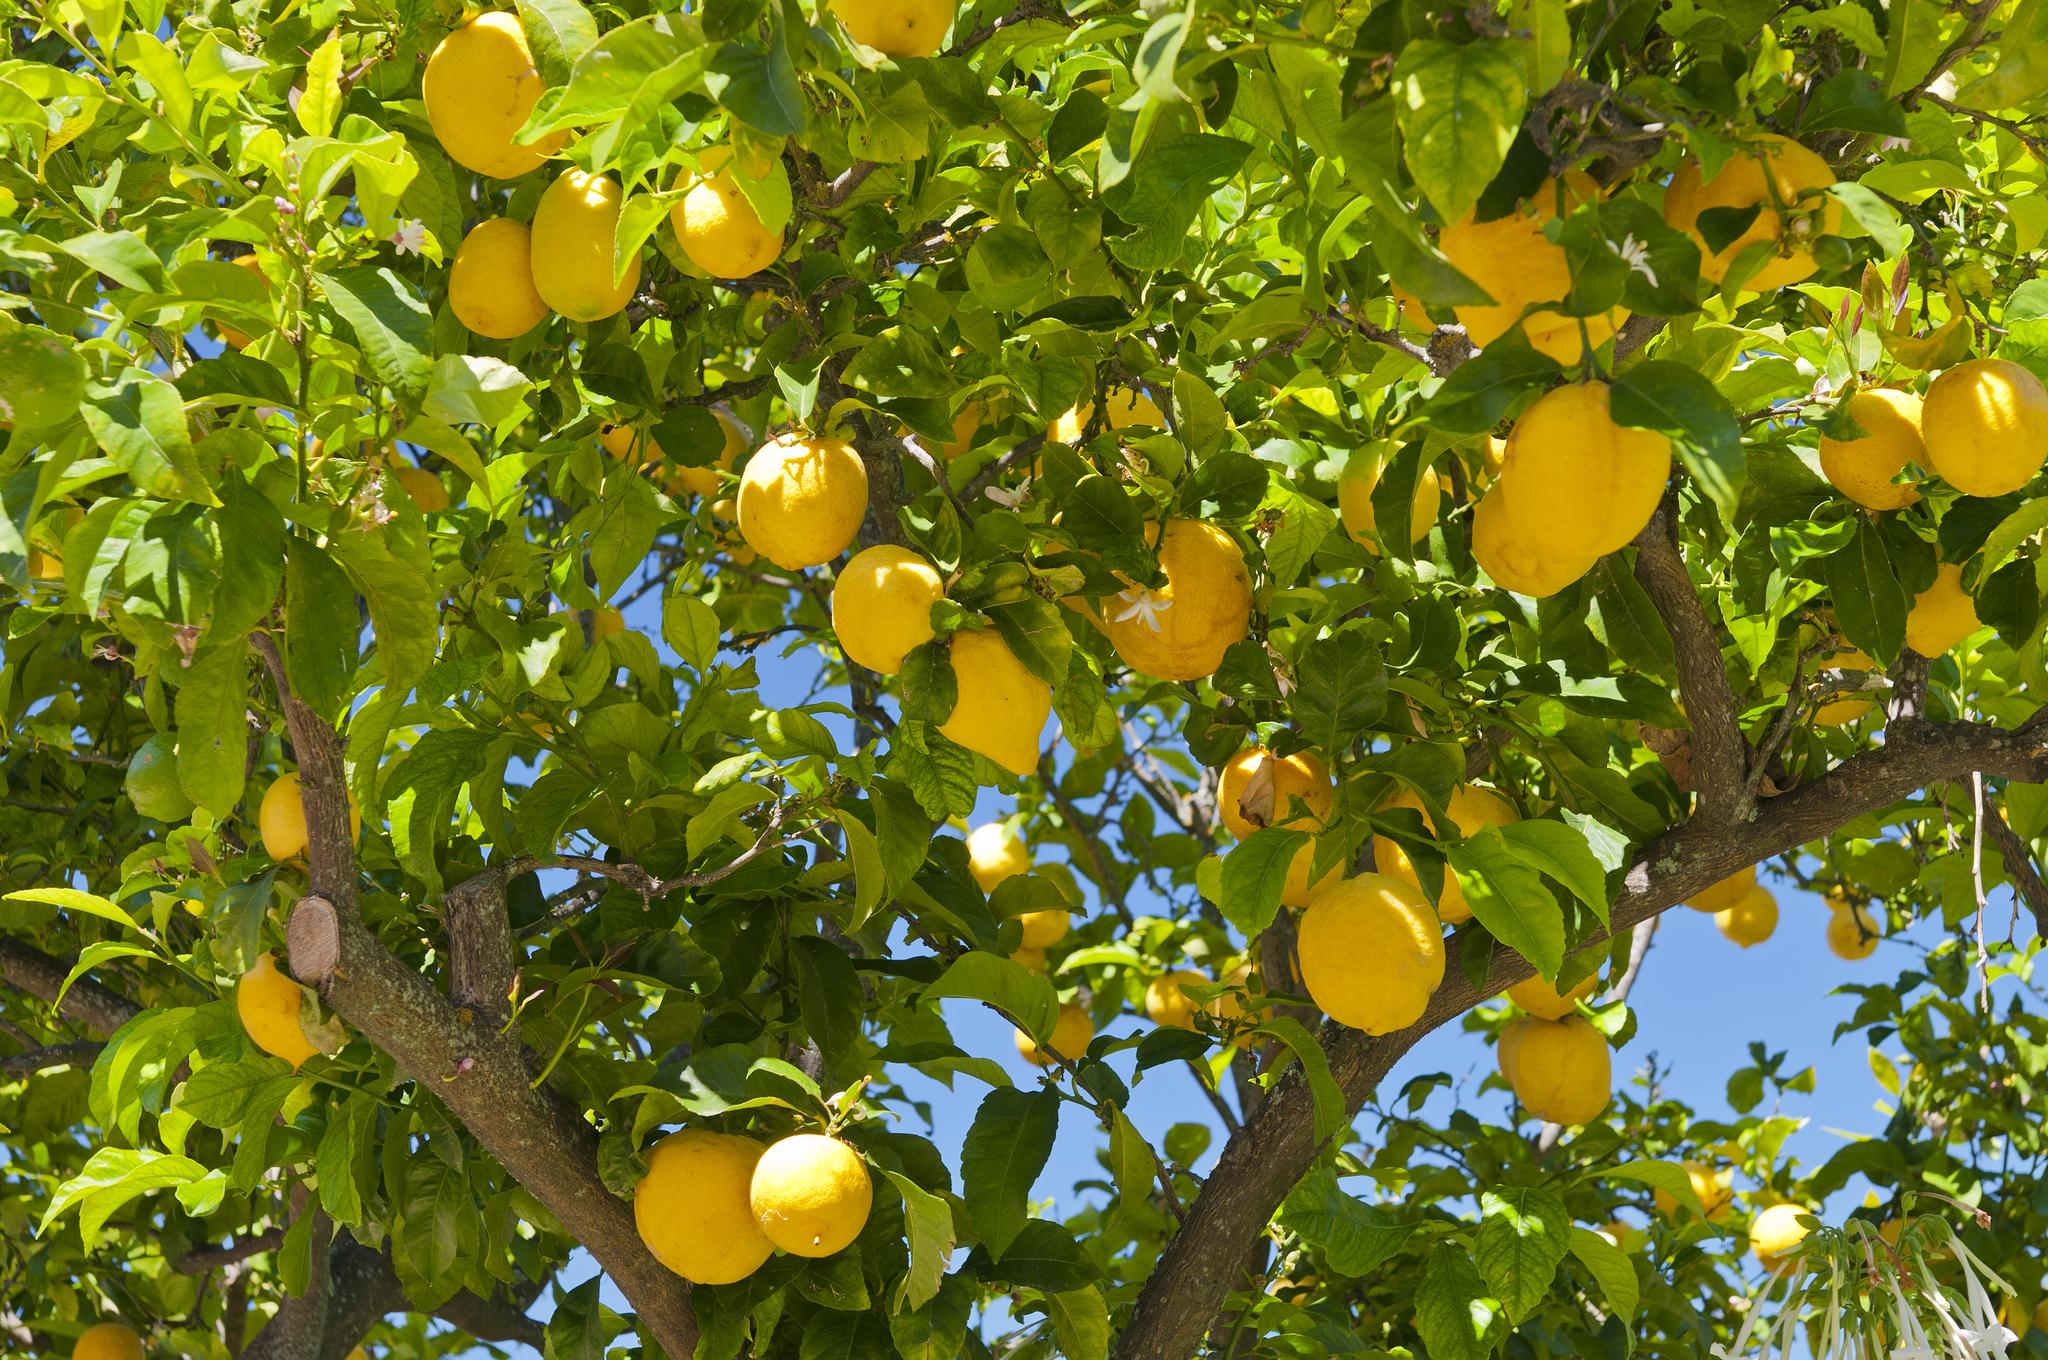 The Natural Fruit es uno de los principales productores de limones de España. Factura 200 millones.